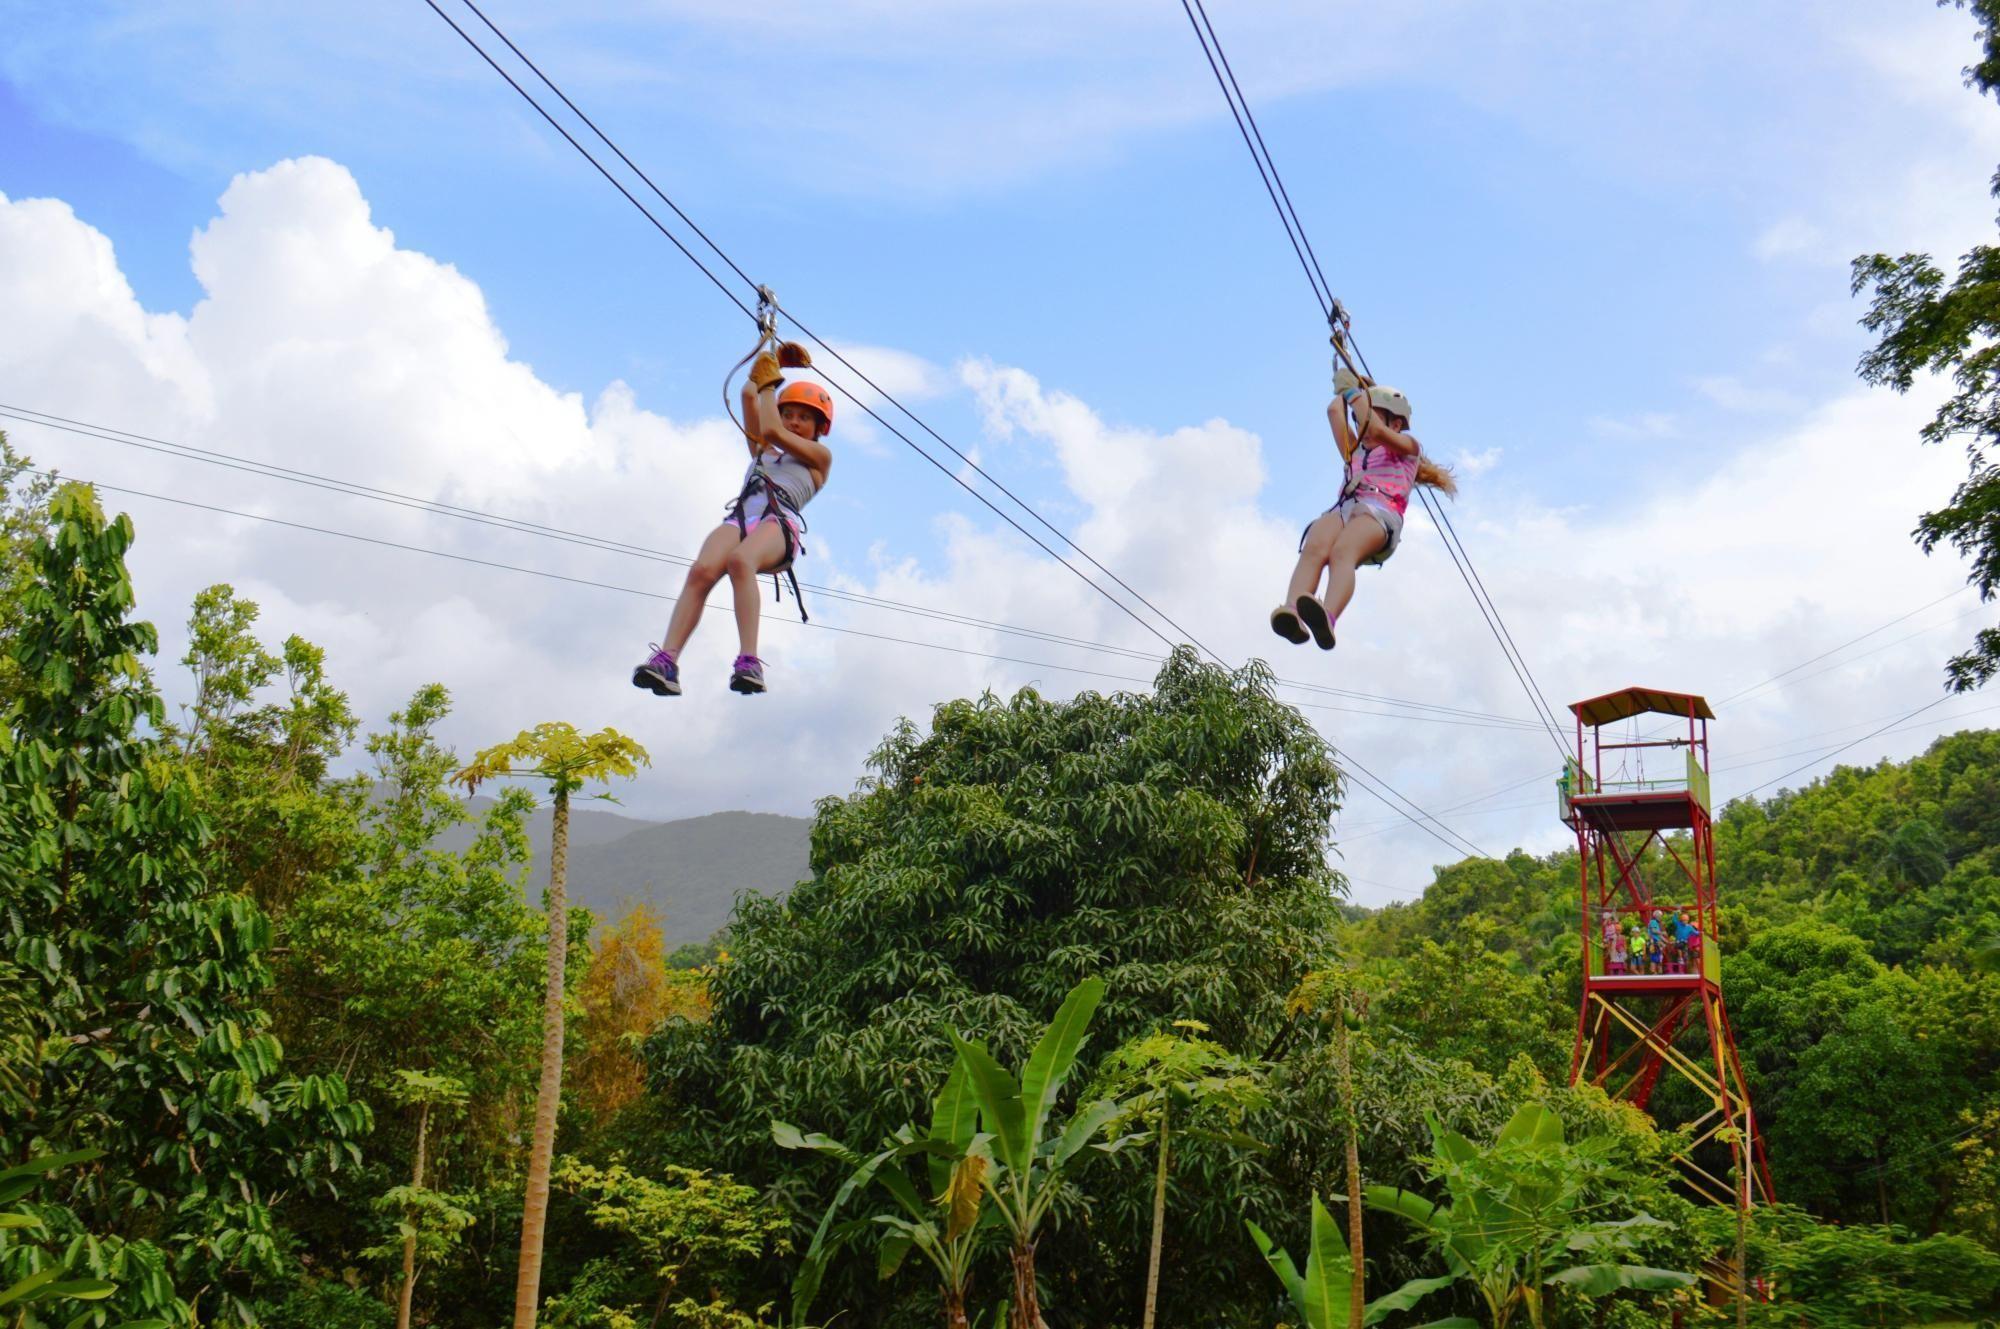 Zipline Canopy & El Yunque Rainforest Combo Tour